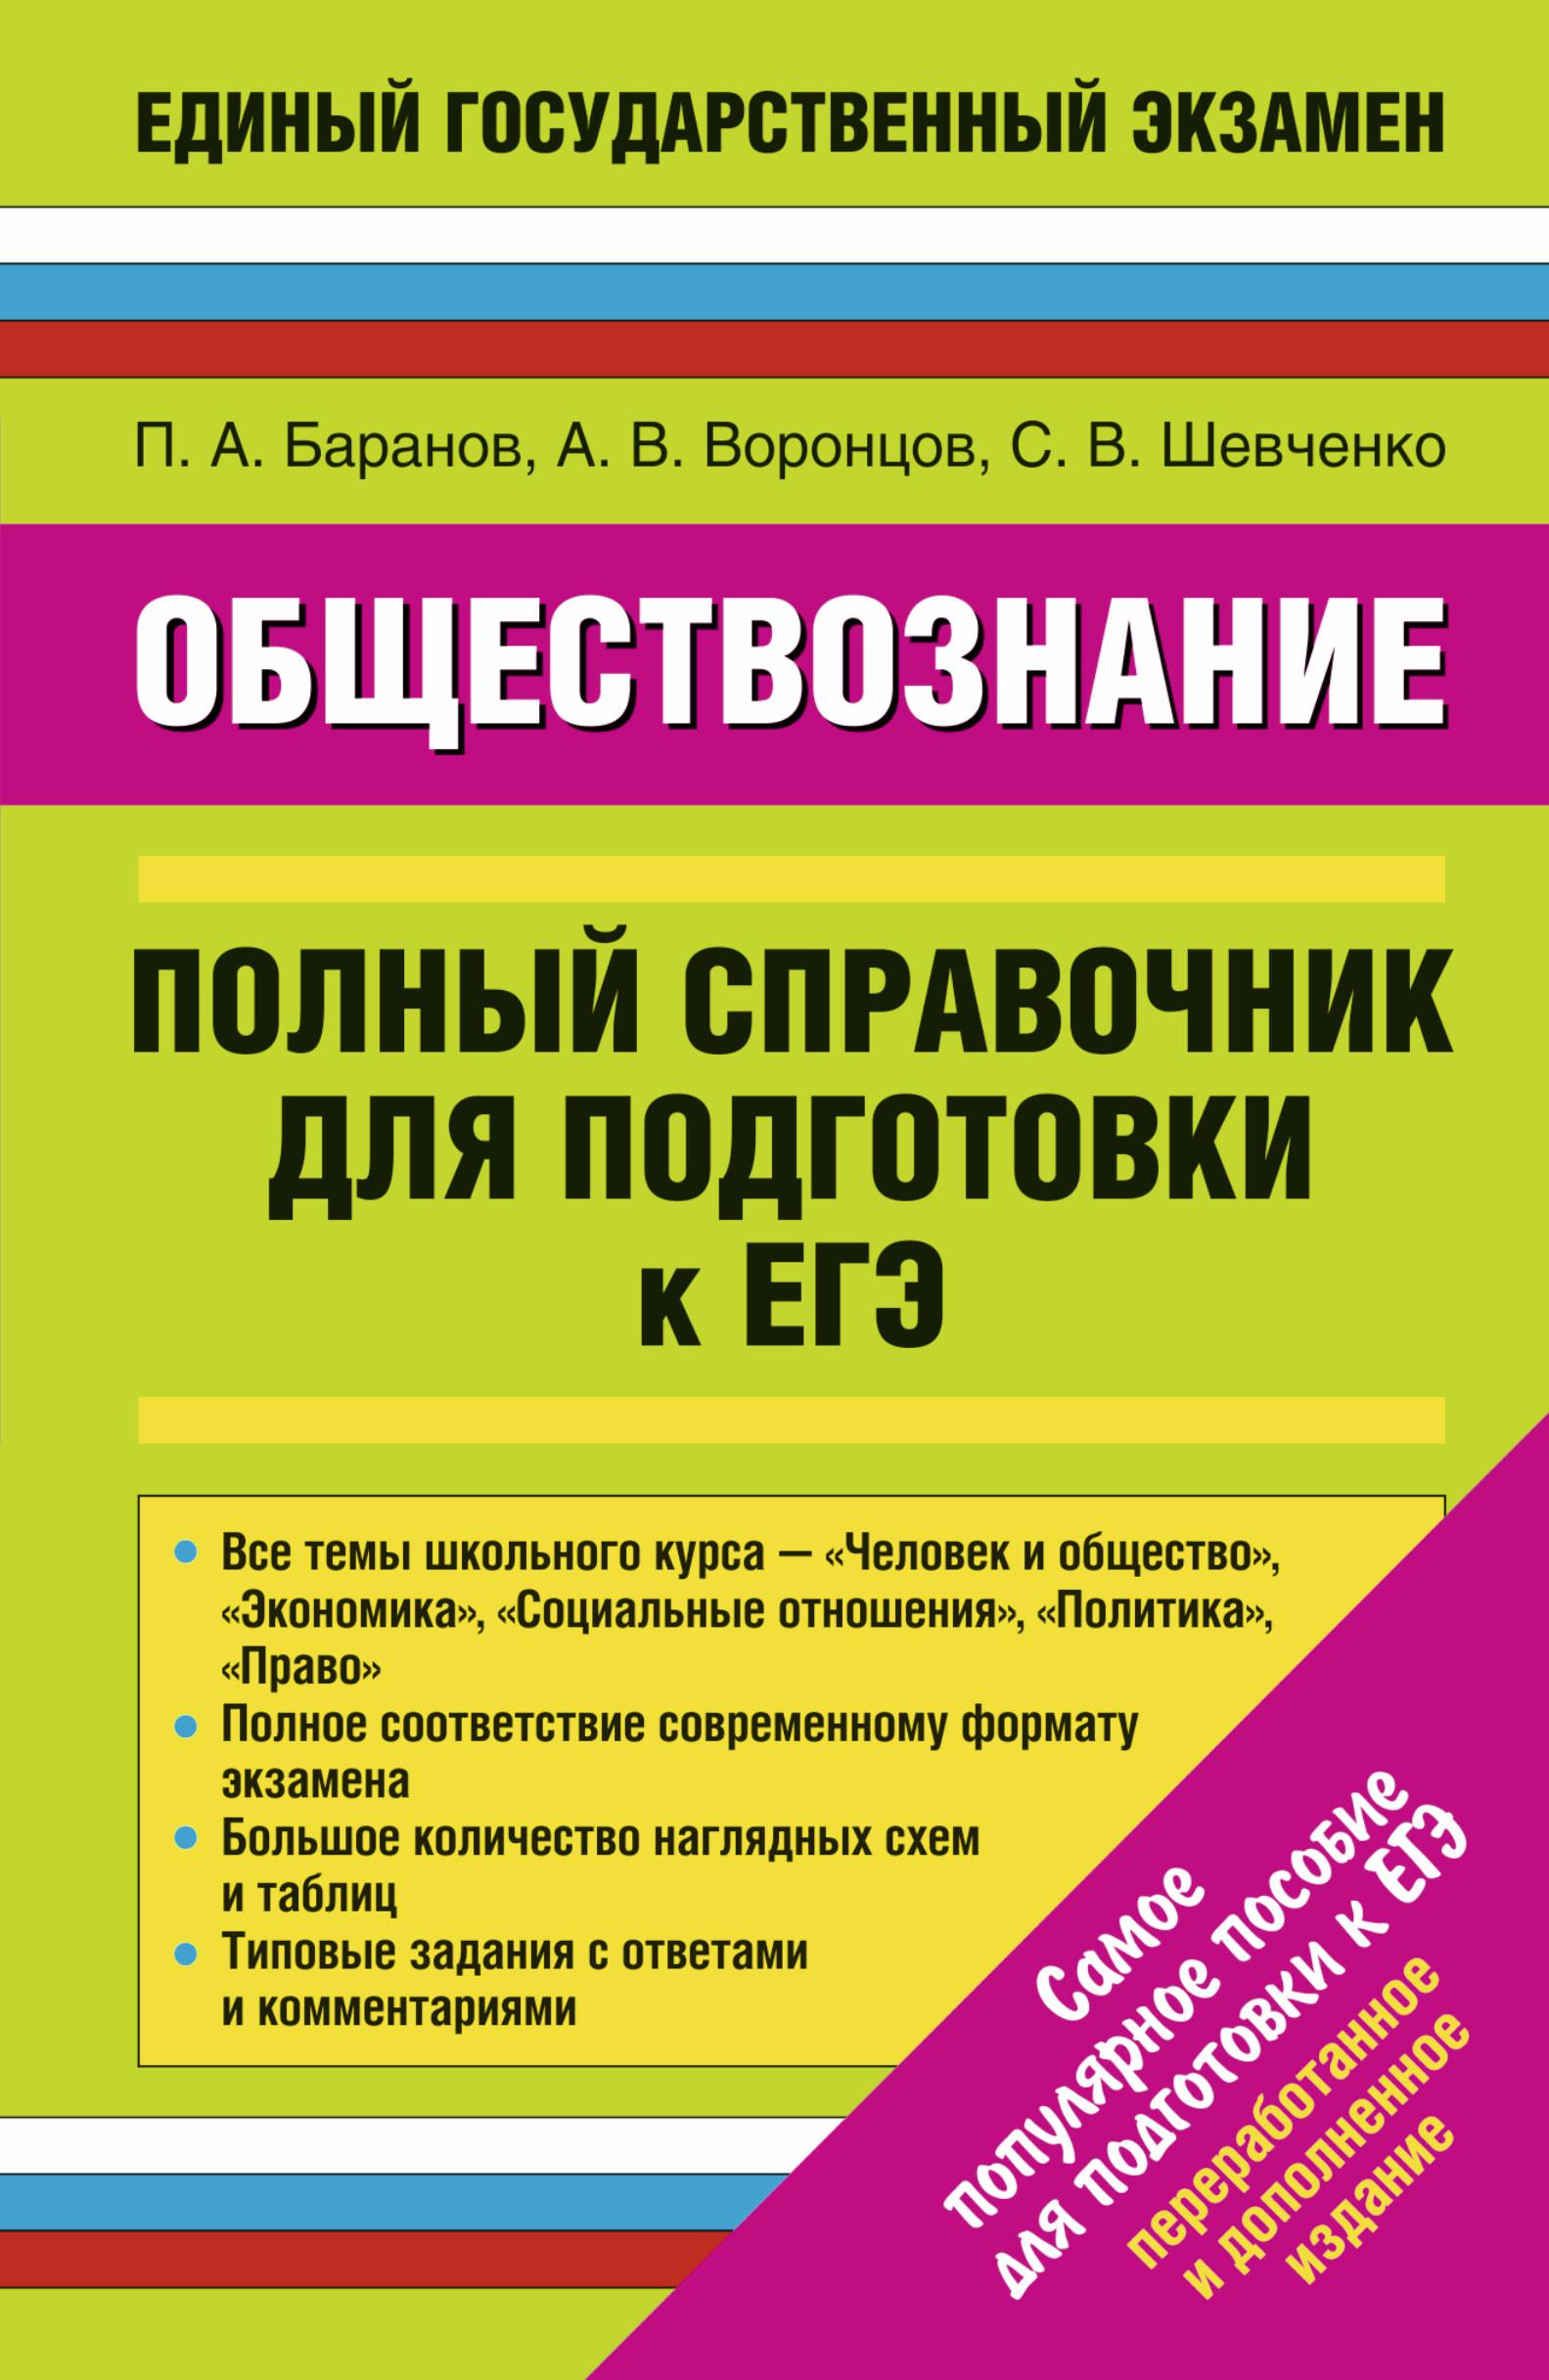 Обществознание. Полный справочник для подготовки к ЕГЭ. от book24.ru